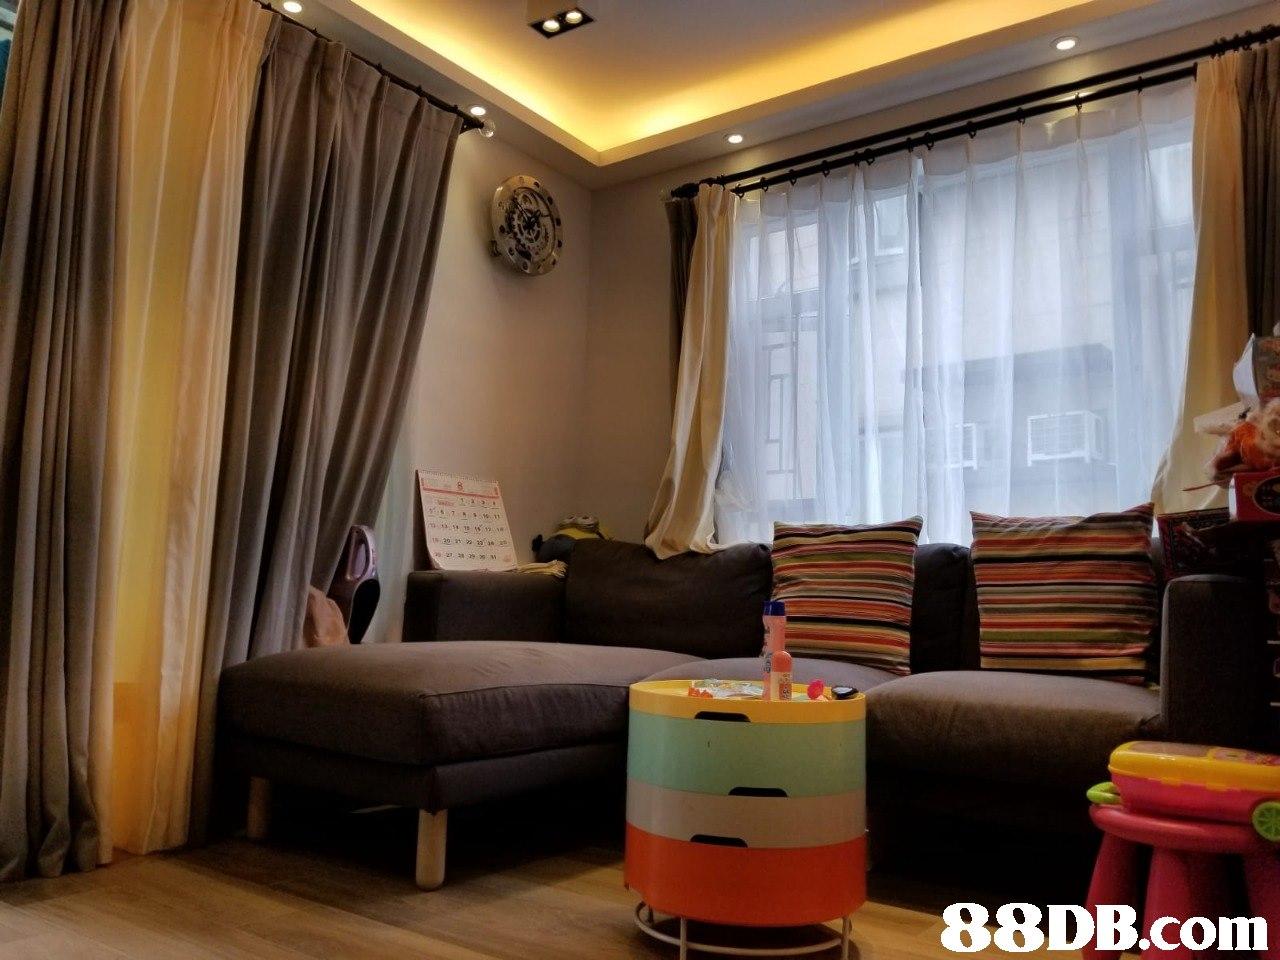 room,interior design,property,curtain,ceiling